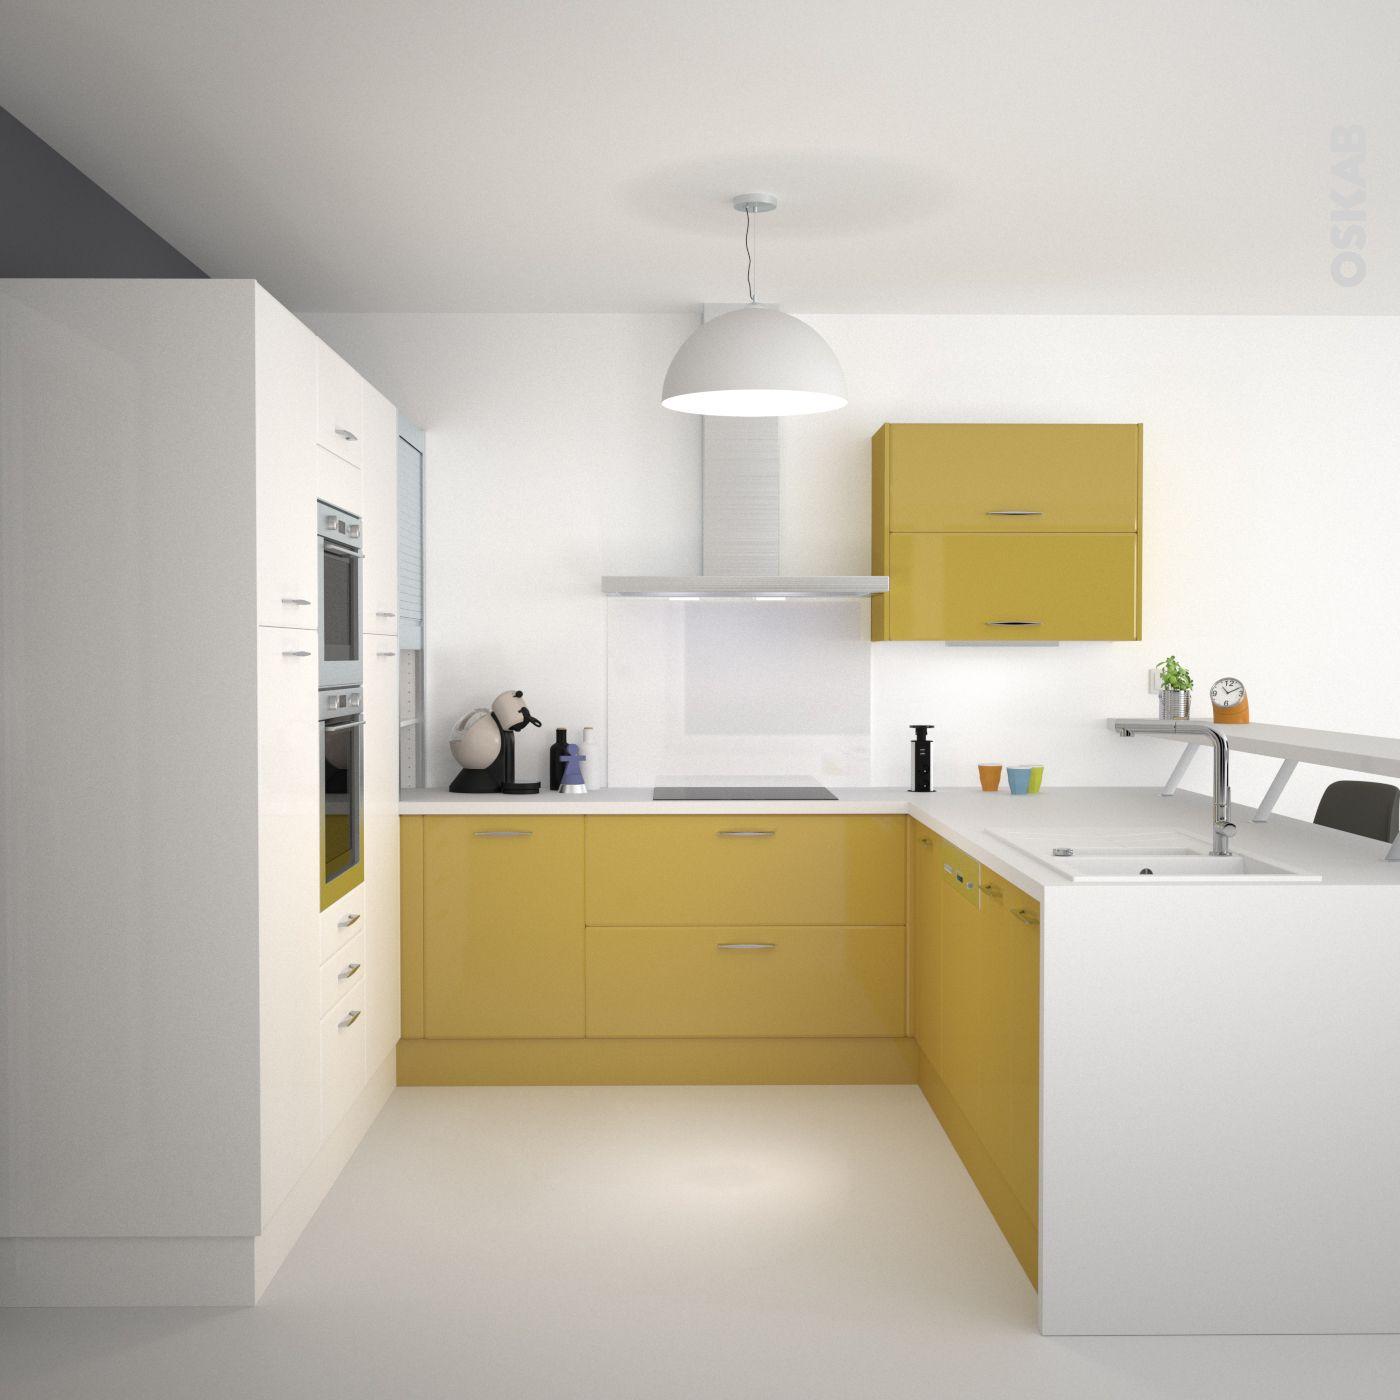 Cuisine jaune et blanche au style design et pur for Cuisine blanche chic